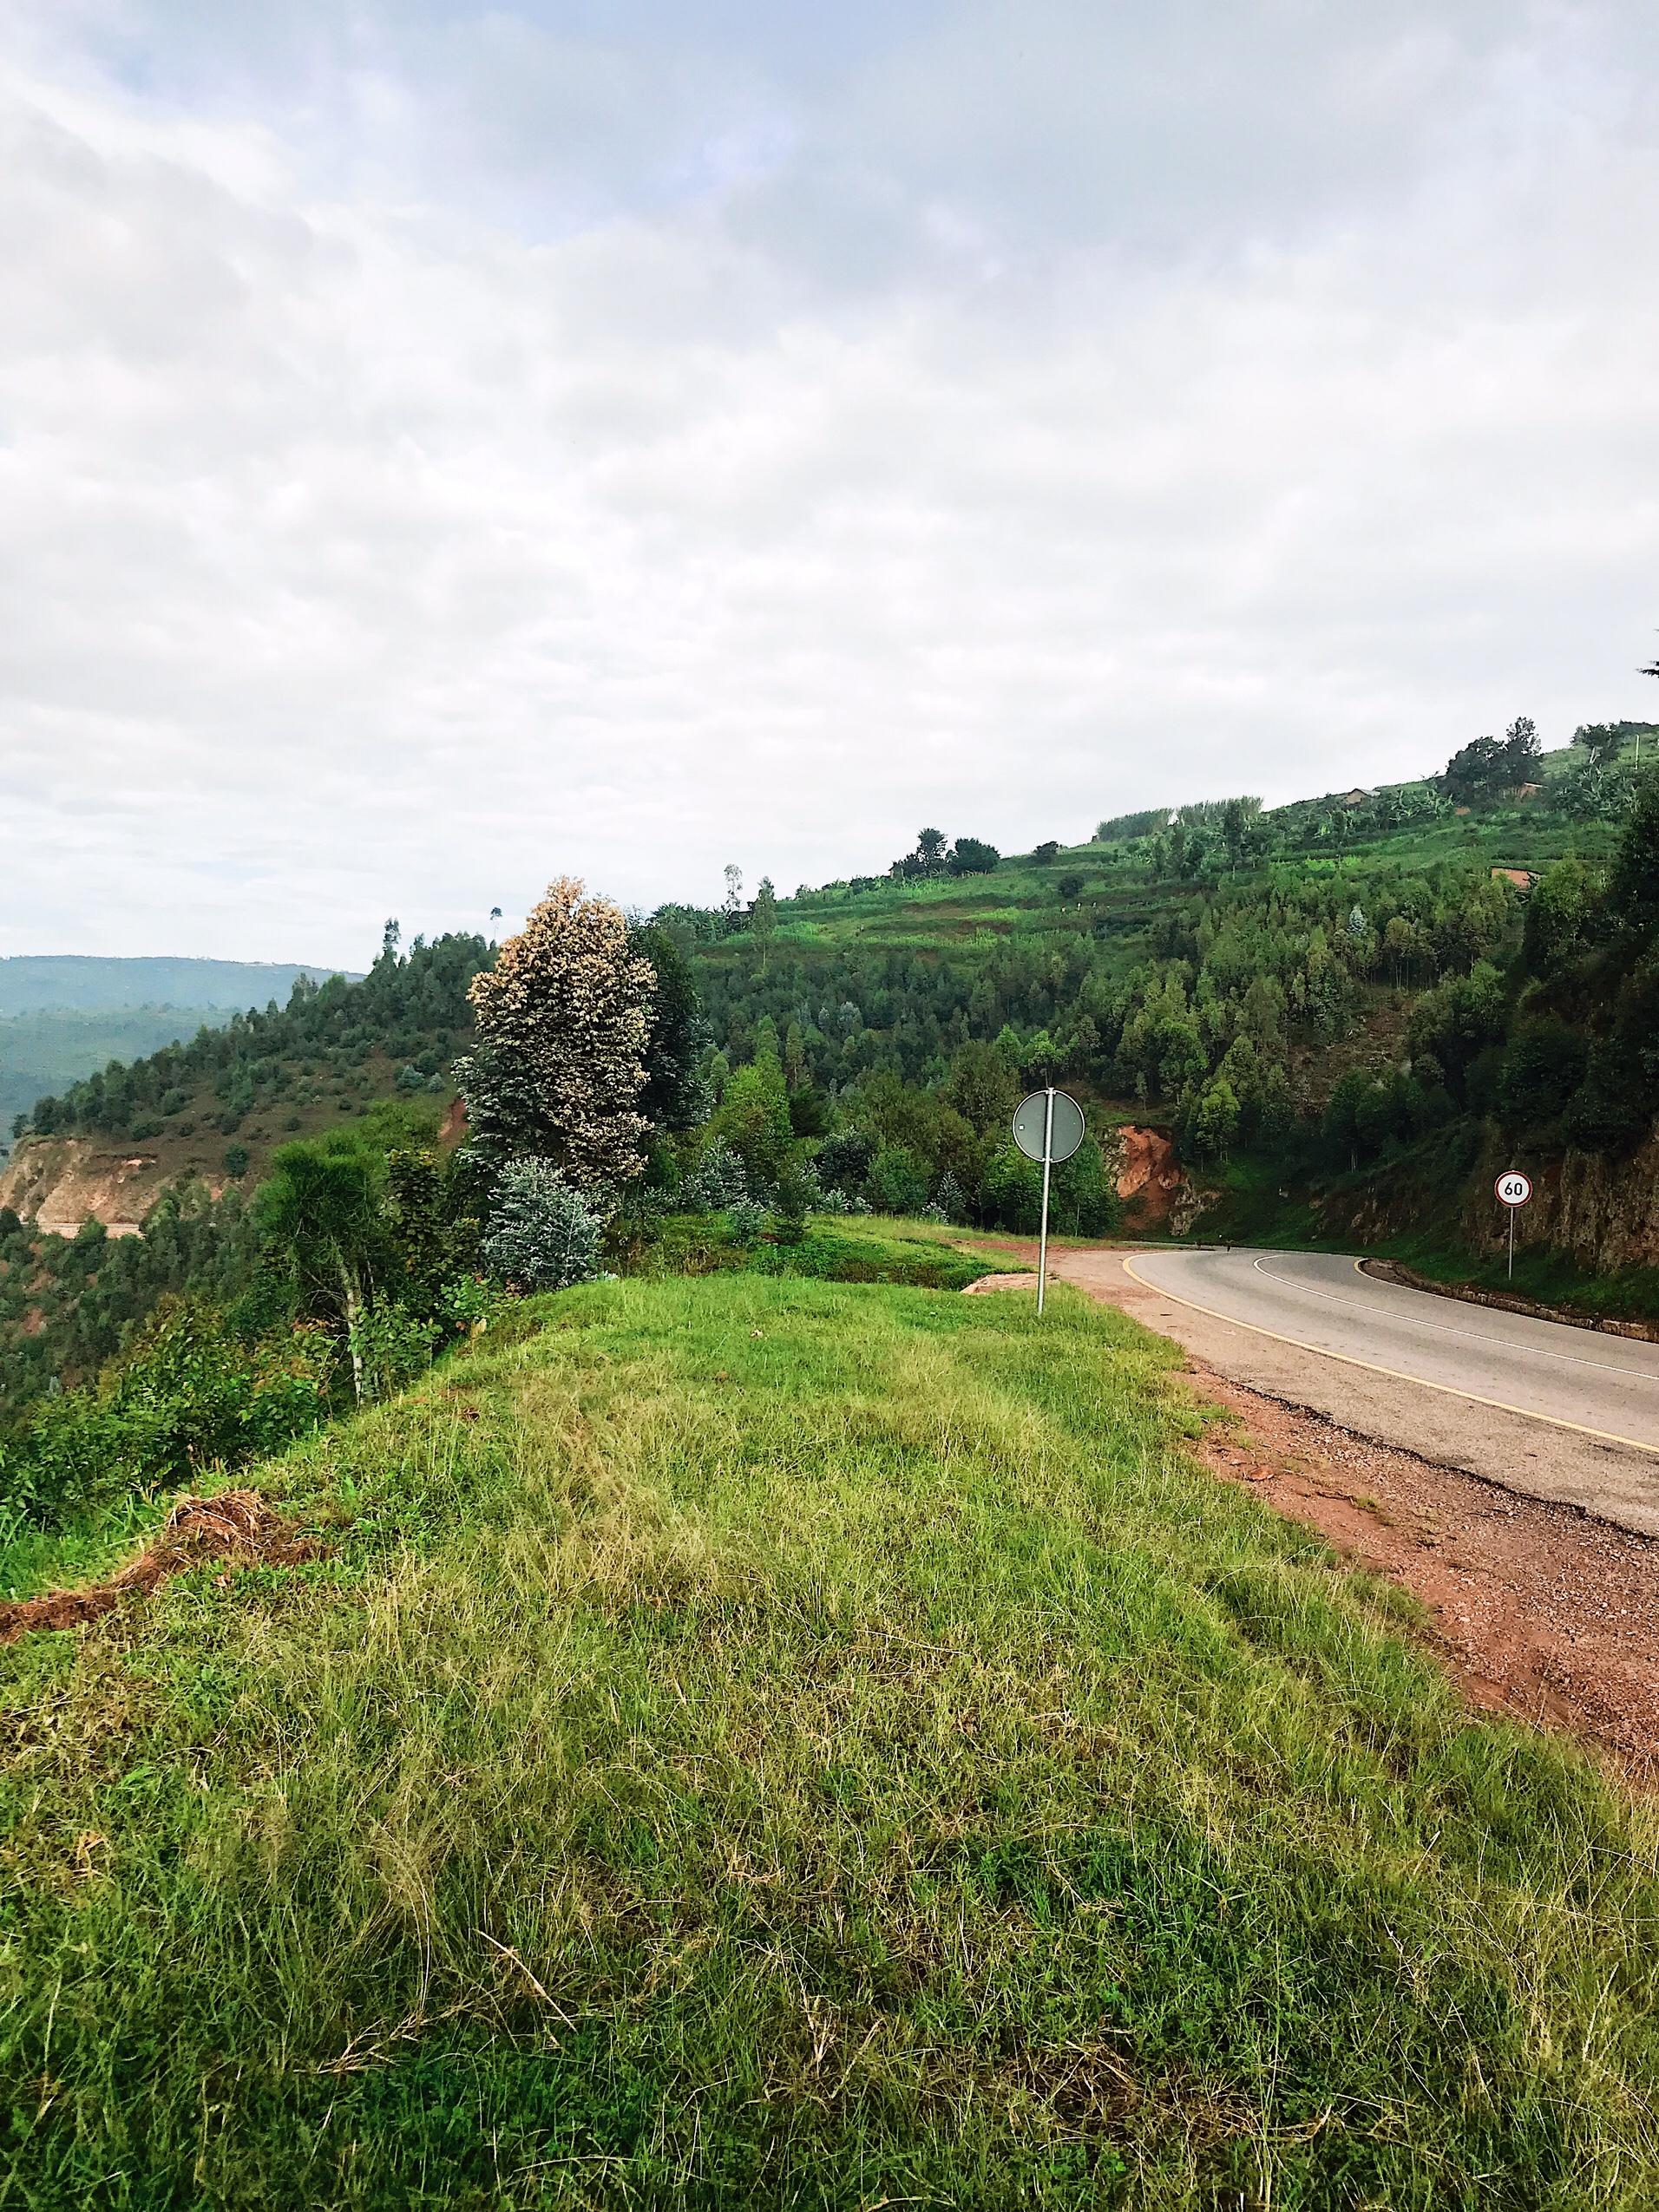 Image of a road in Rwanda